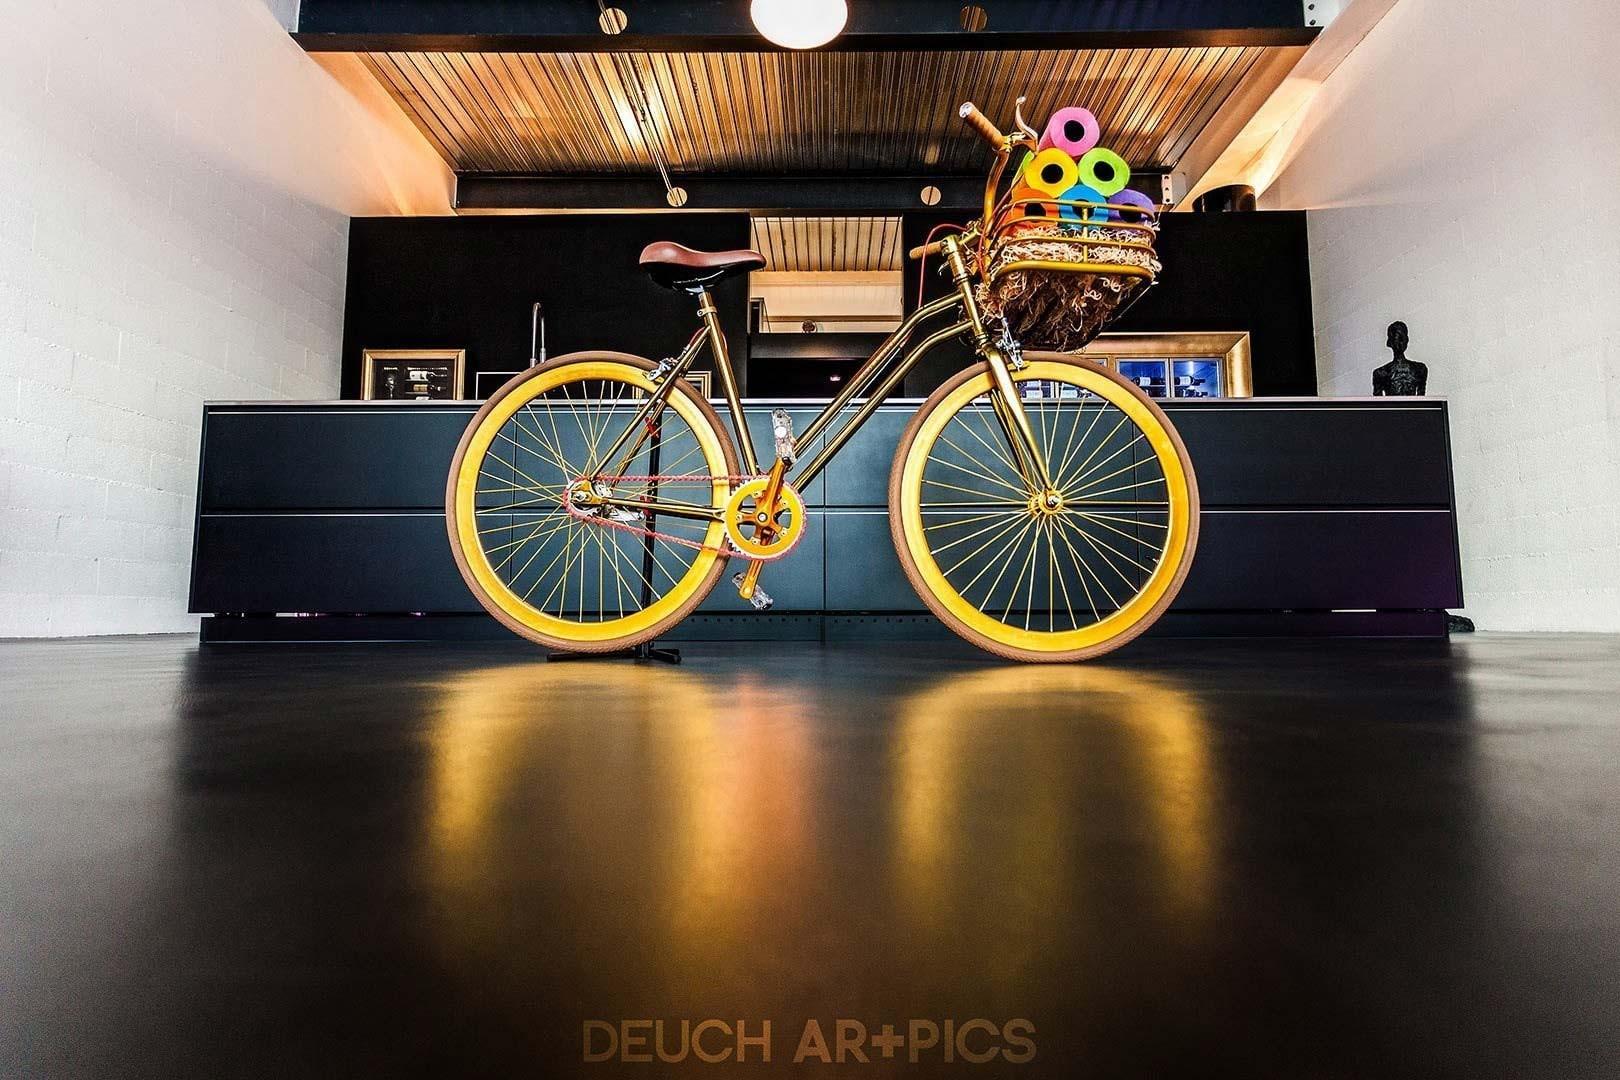 deuch-photography-photographe-interieur-suisse-vaud